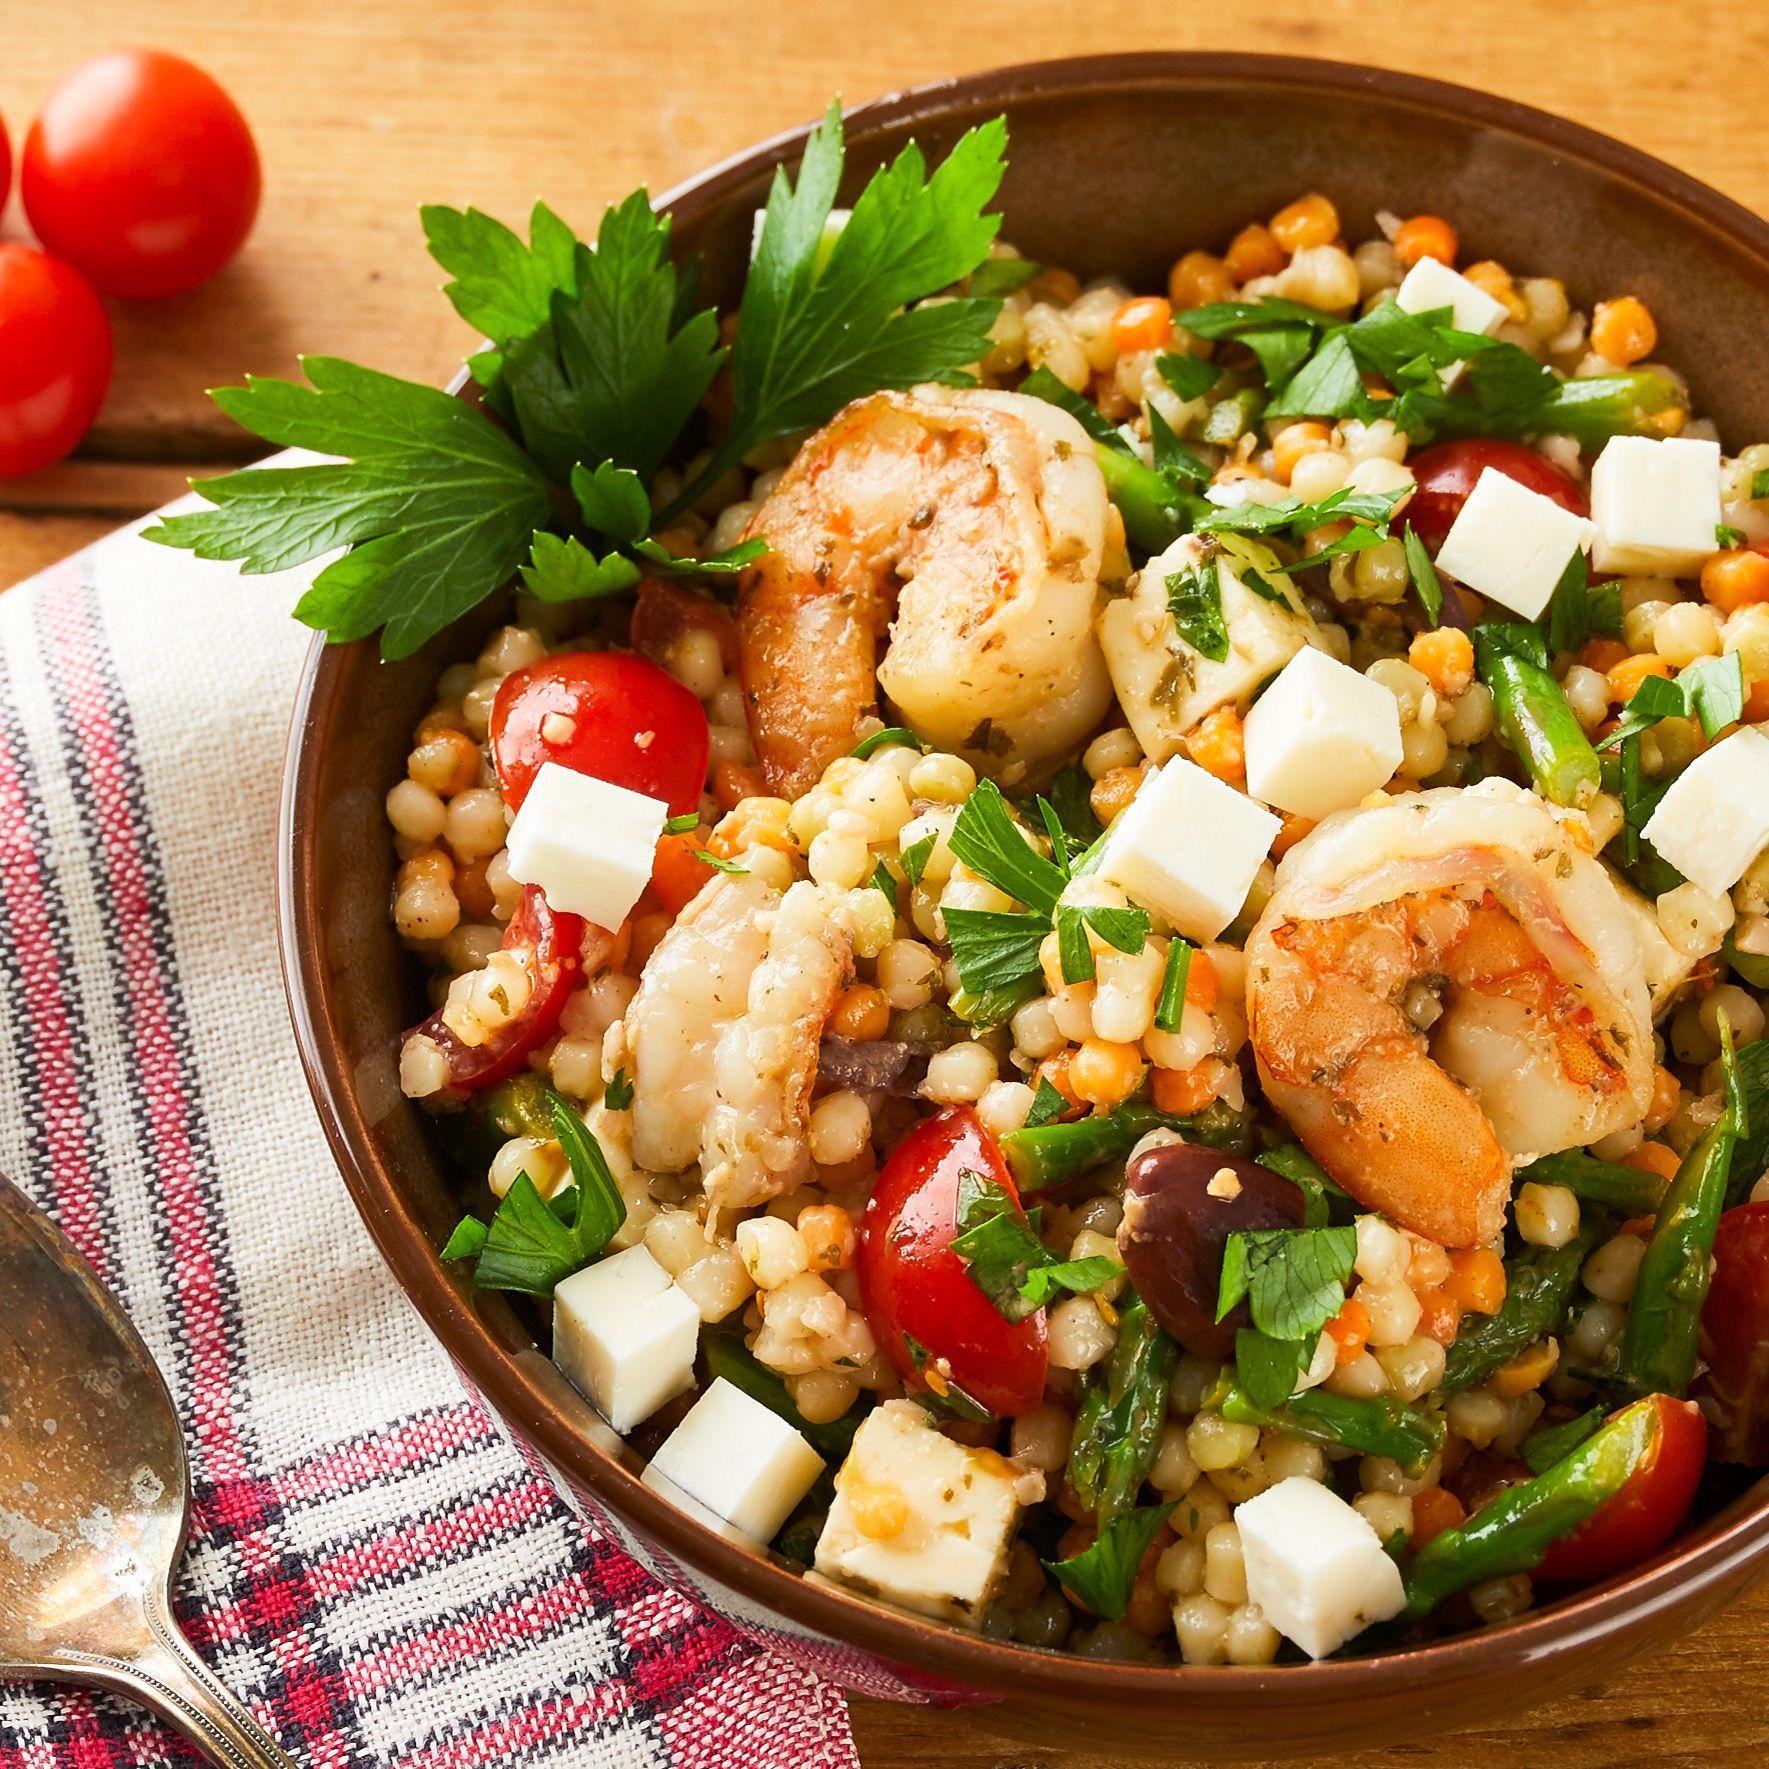 Shrimps Rezepte Couscous Salat mit Feta-Käse